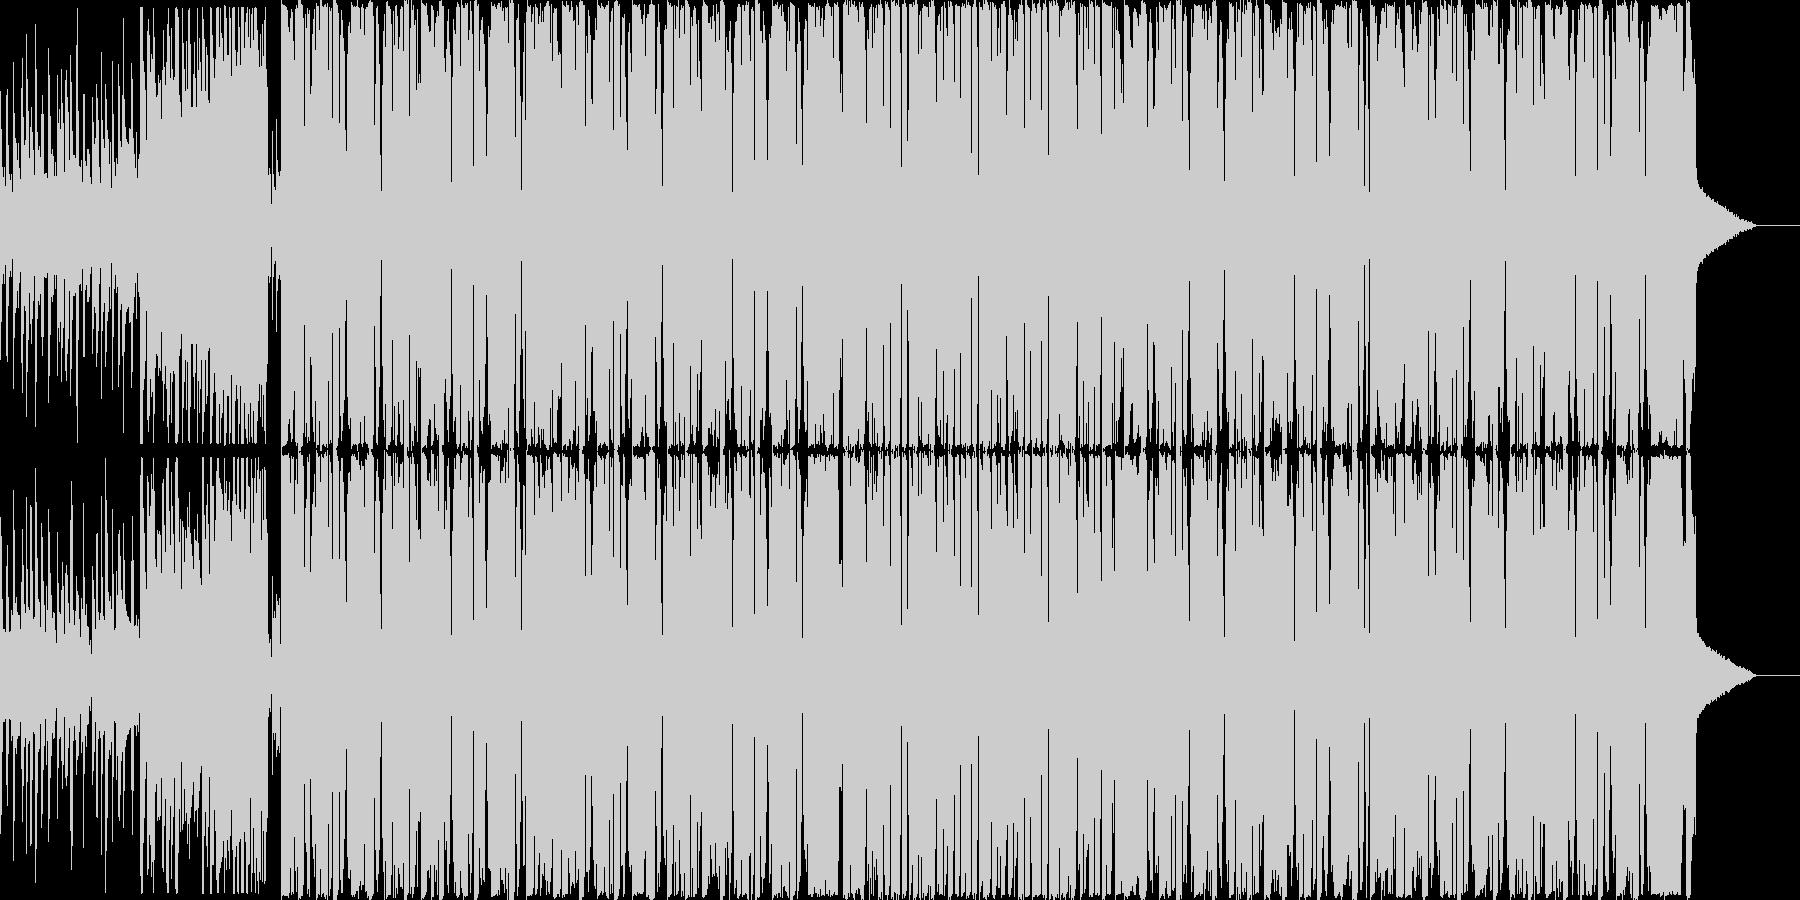 シンプルでかっこいいダブステップ曲の未再生の波形